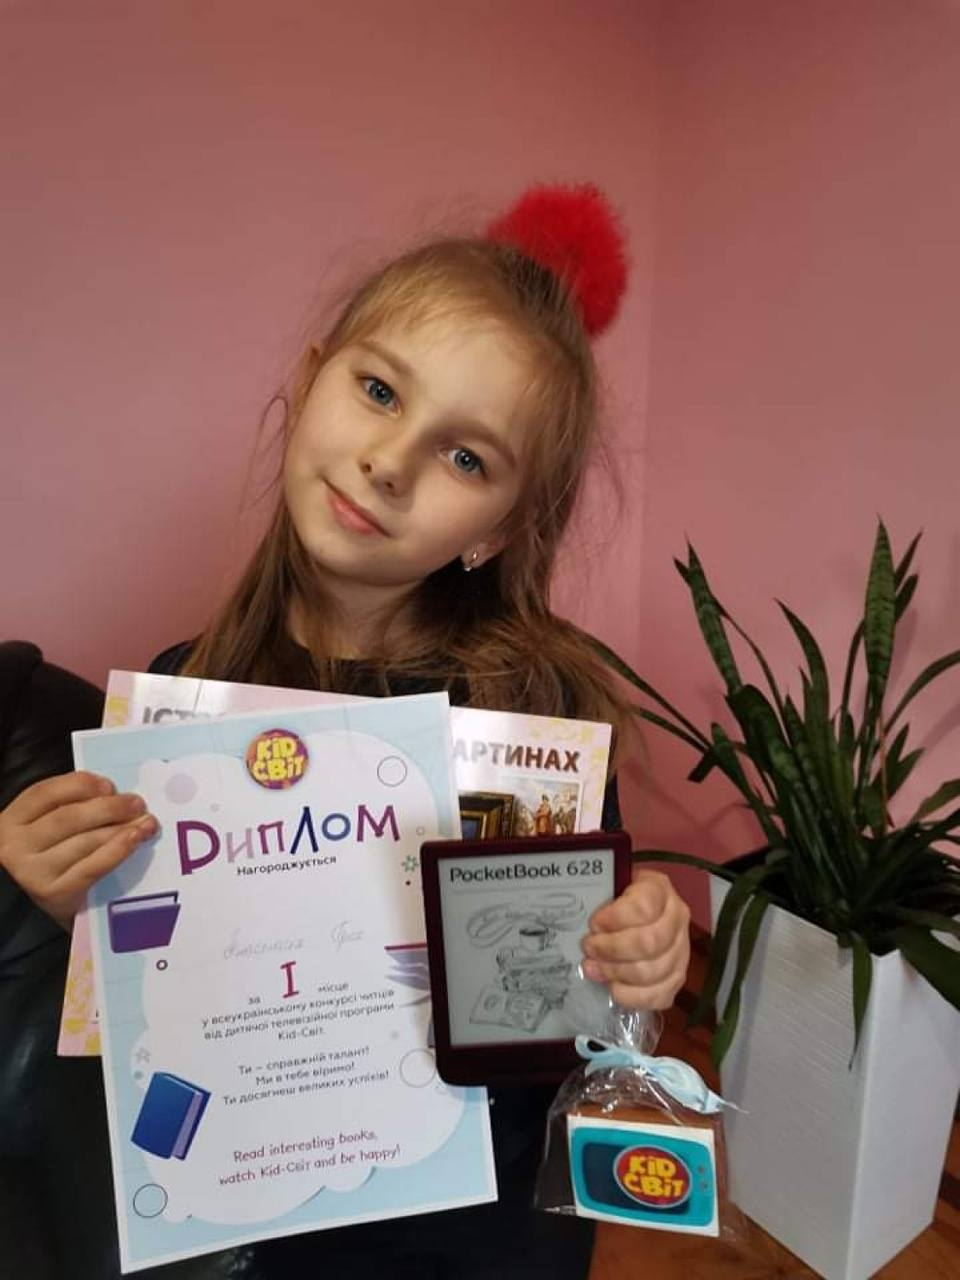 В Україні відбувся масштабний дитячий літературний конкурс: дивіться, як це було (ФОТО) - фото №2